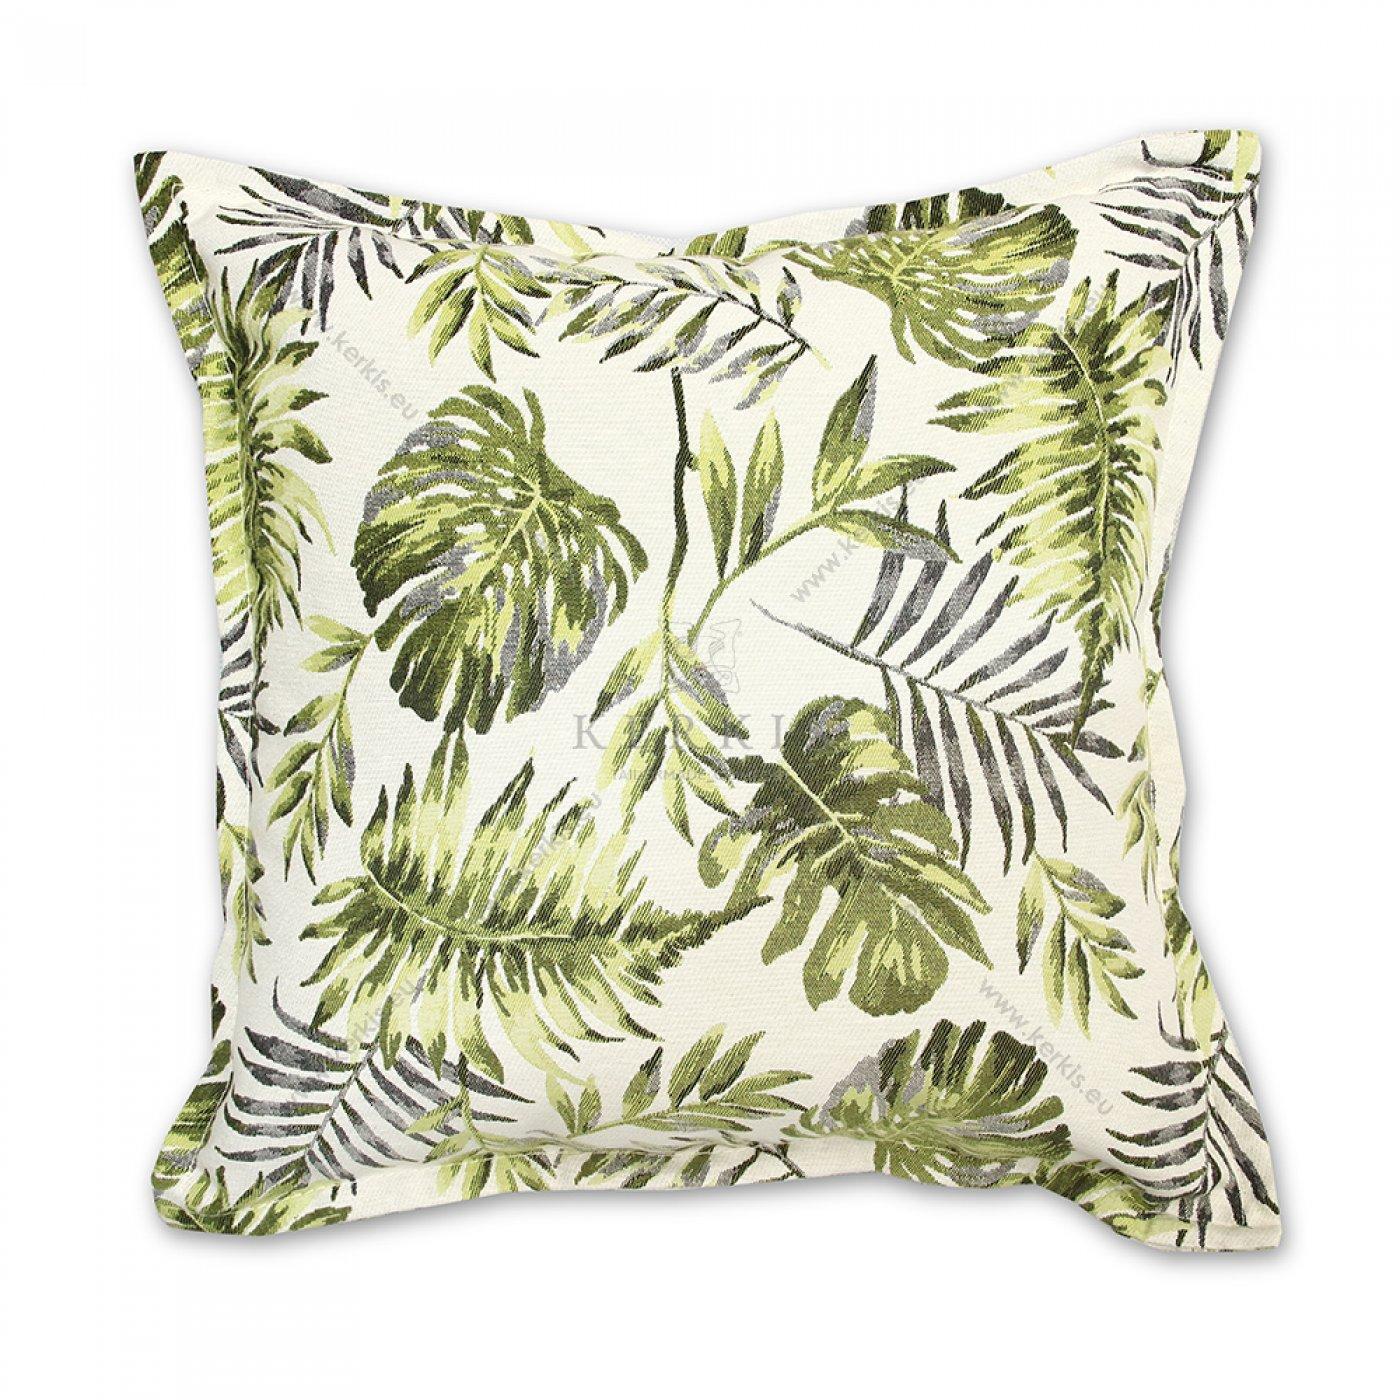 Διακοσμητικό μαξιλάρι καναπέ, χρώμα πράσινο, φλοράλ